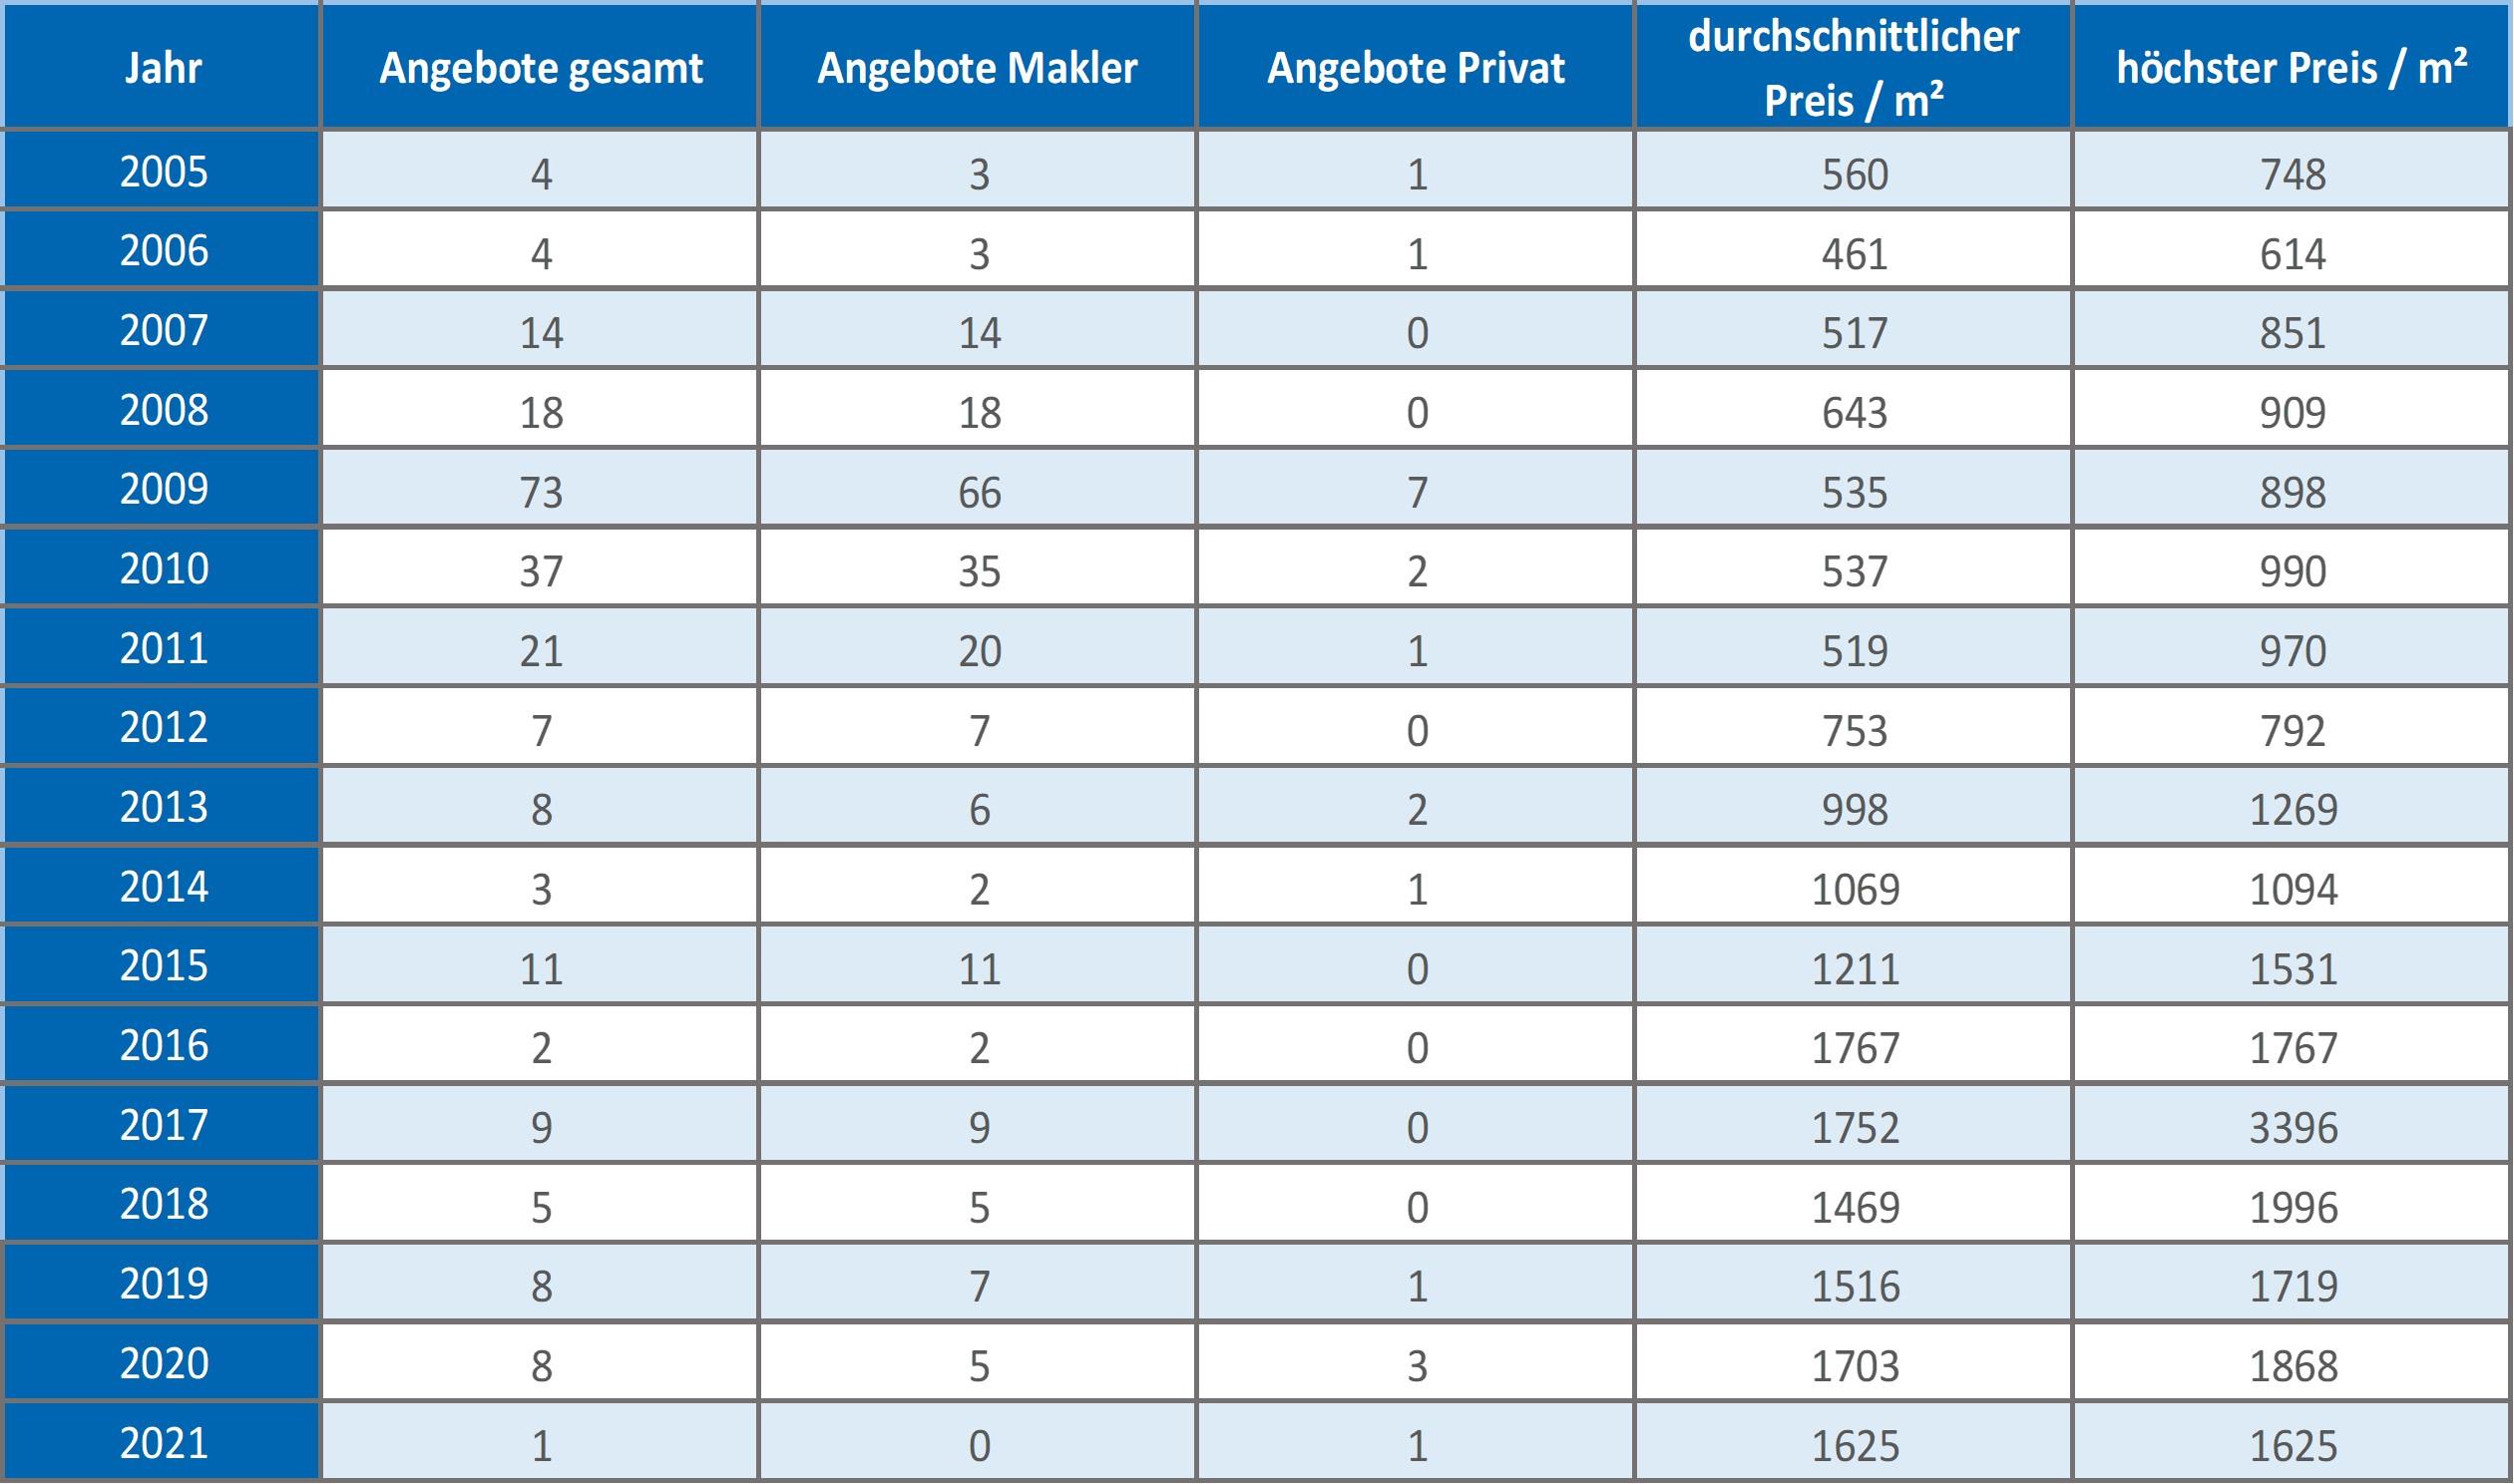 Baierbrunn-Grundstück-kaufen-verkaufen-Makler 2019, 2020, 2021